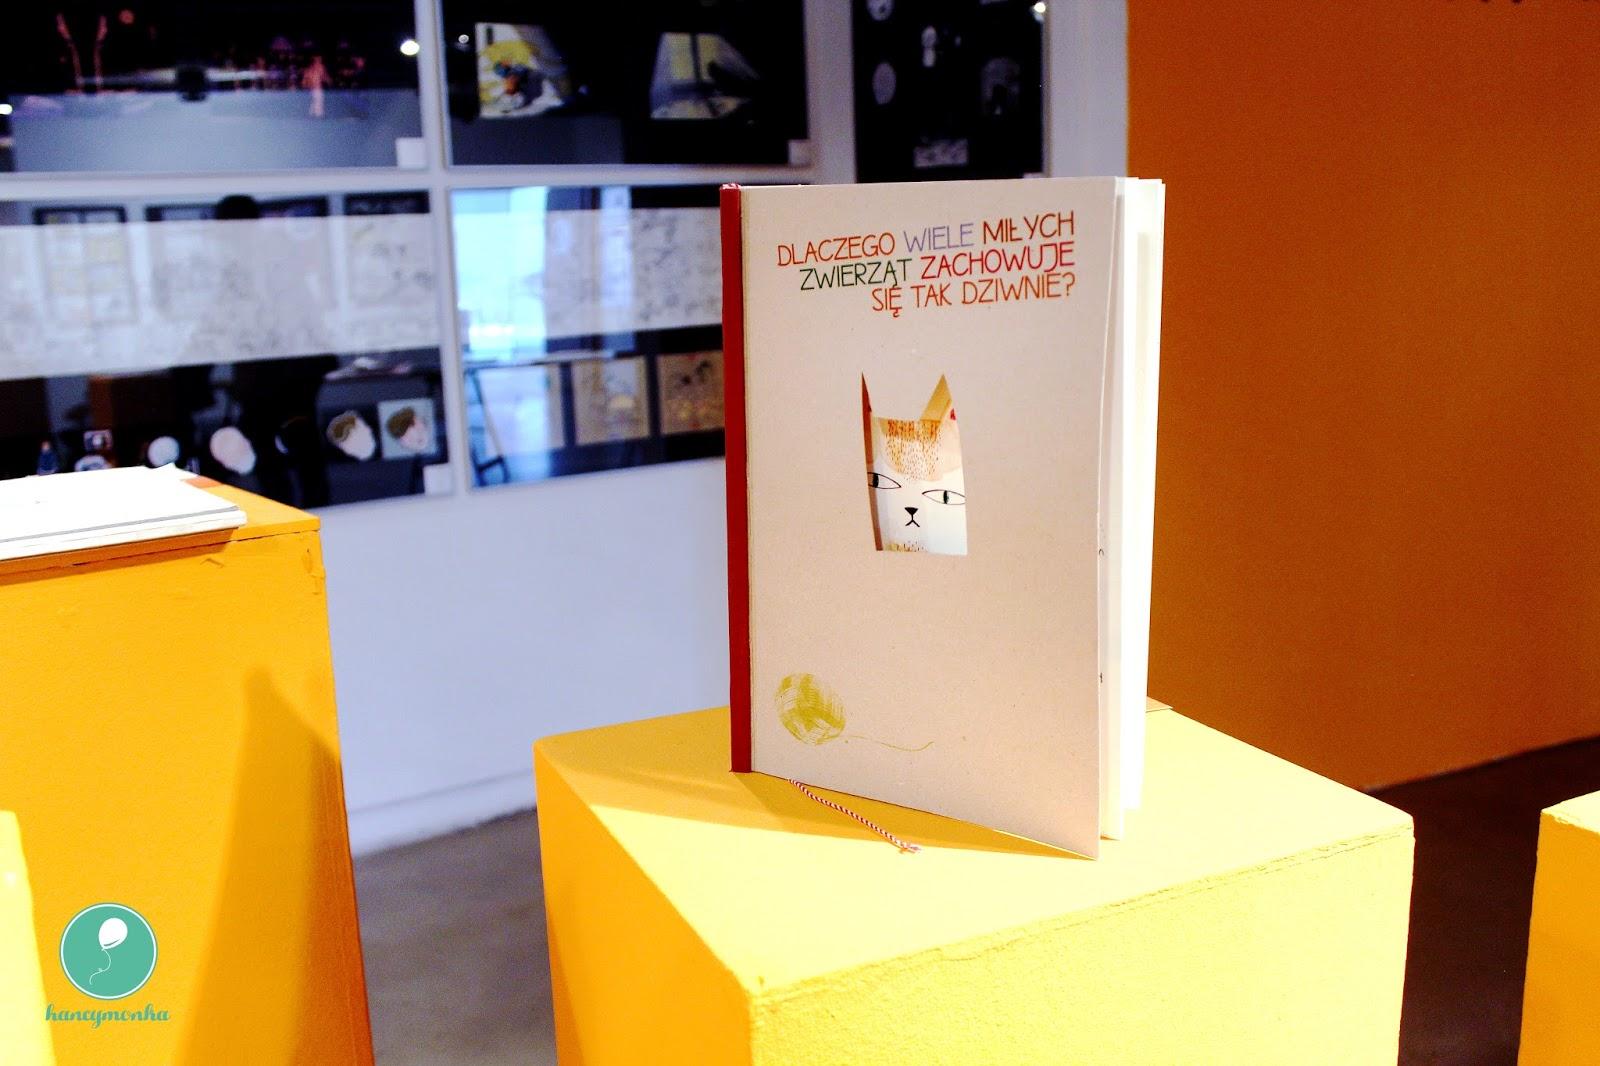 książka dobrze zaprojektowana zacznijmy od dzieci, Katowice, Rondo Sztuki, wystawa